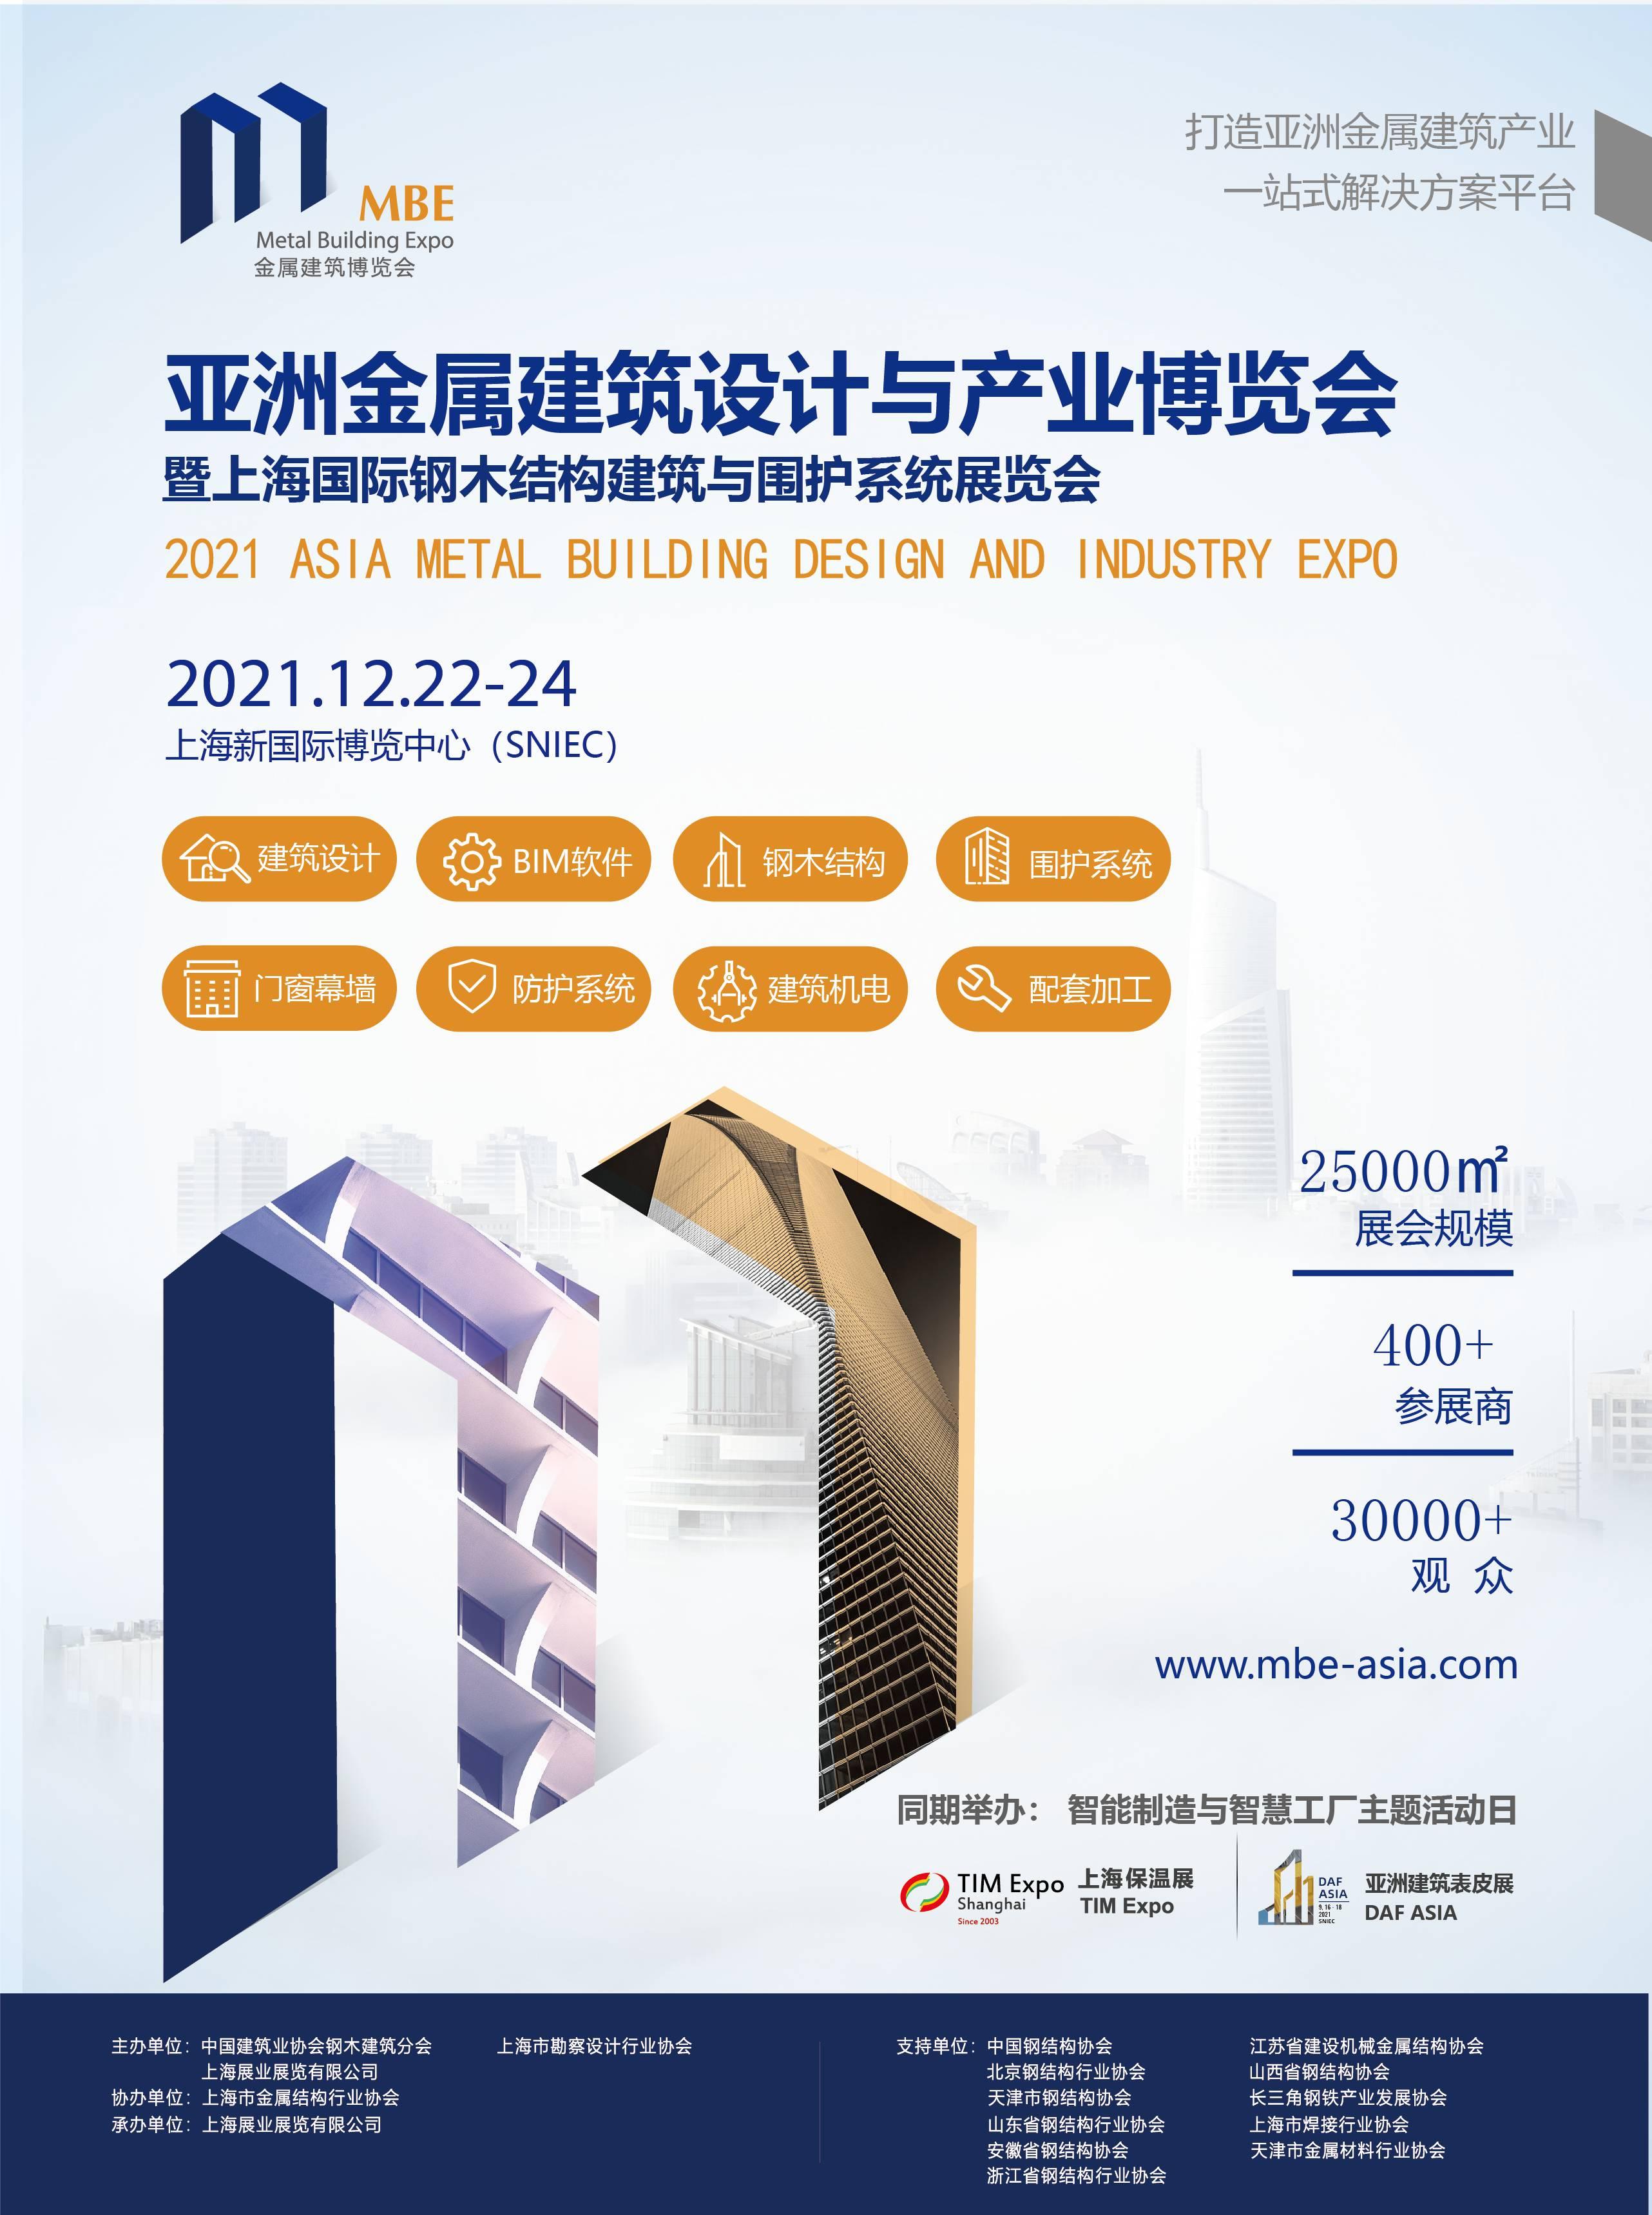 「创新产品展团」MBE 2021亚洲金属建筑博览会特色展区独家爆料